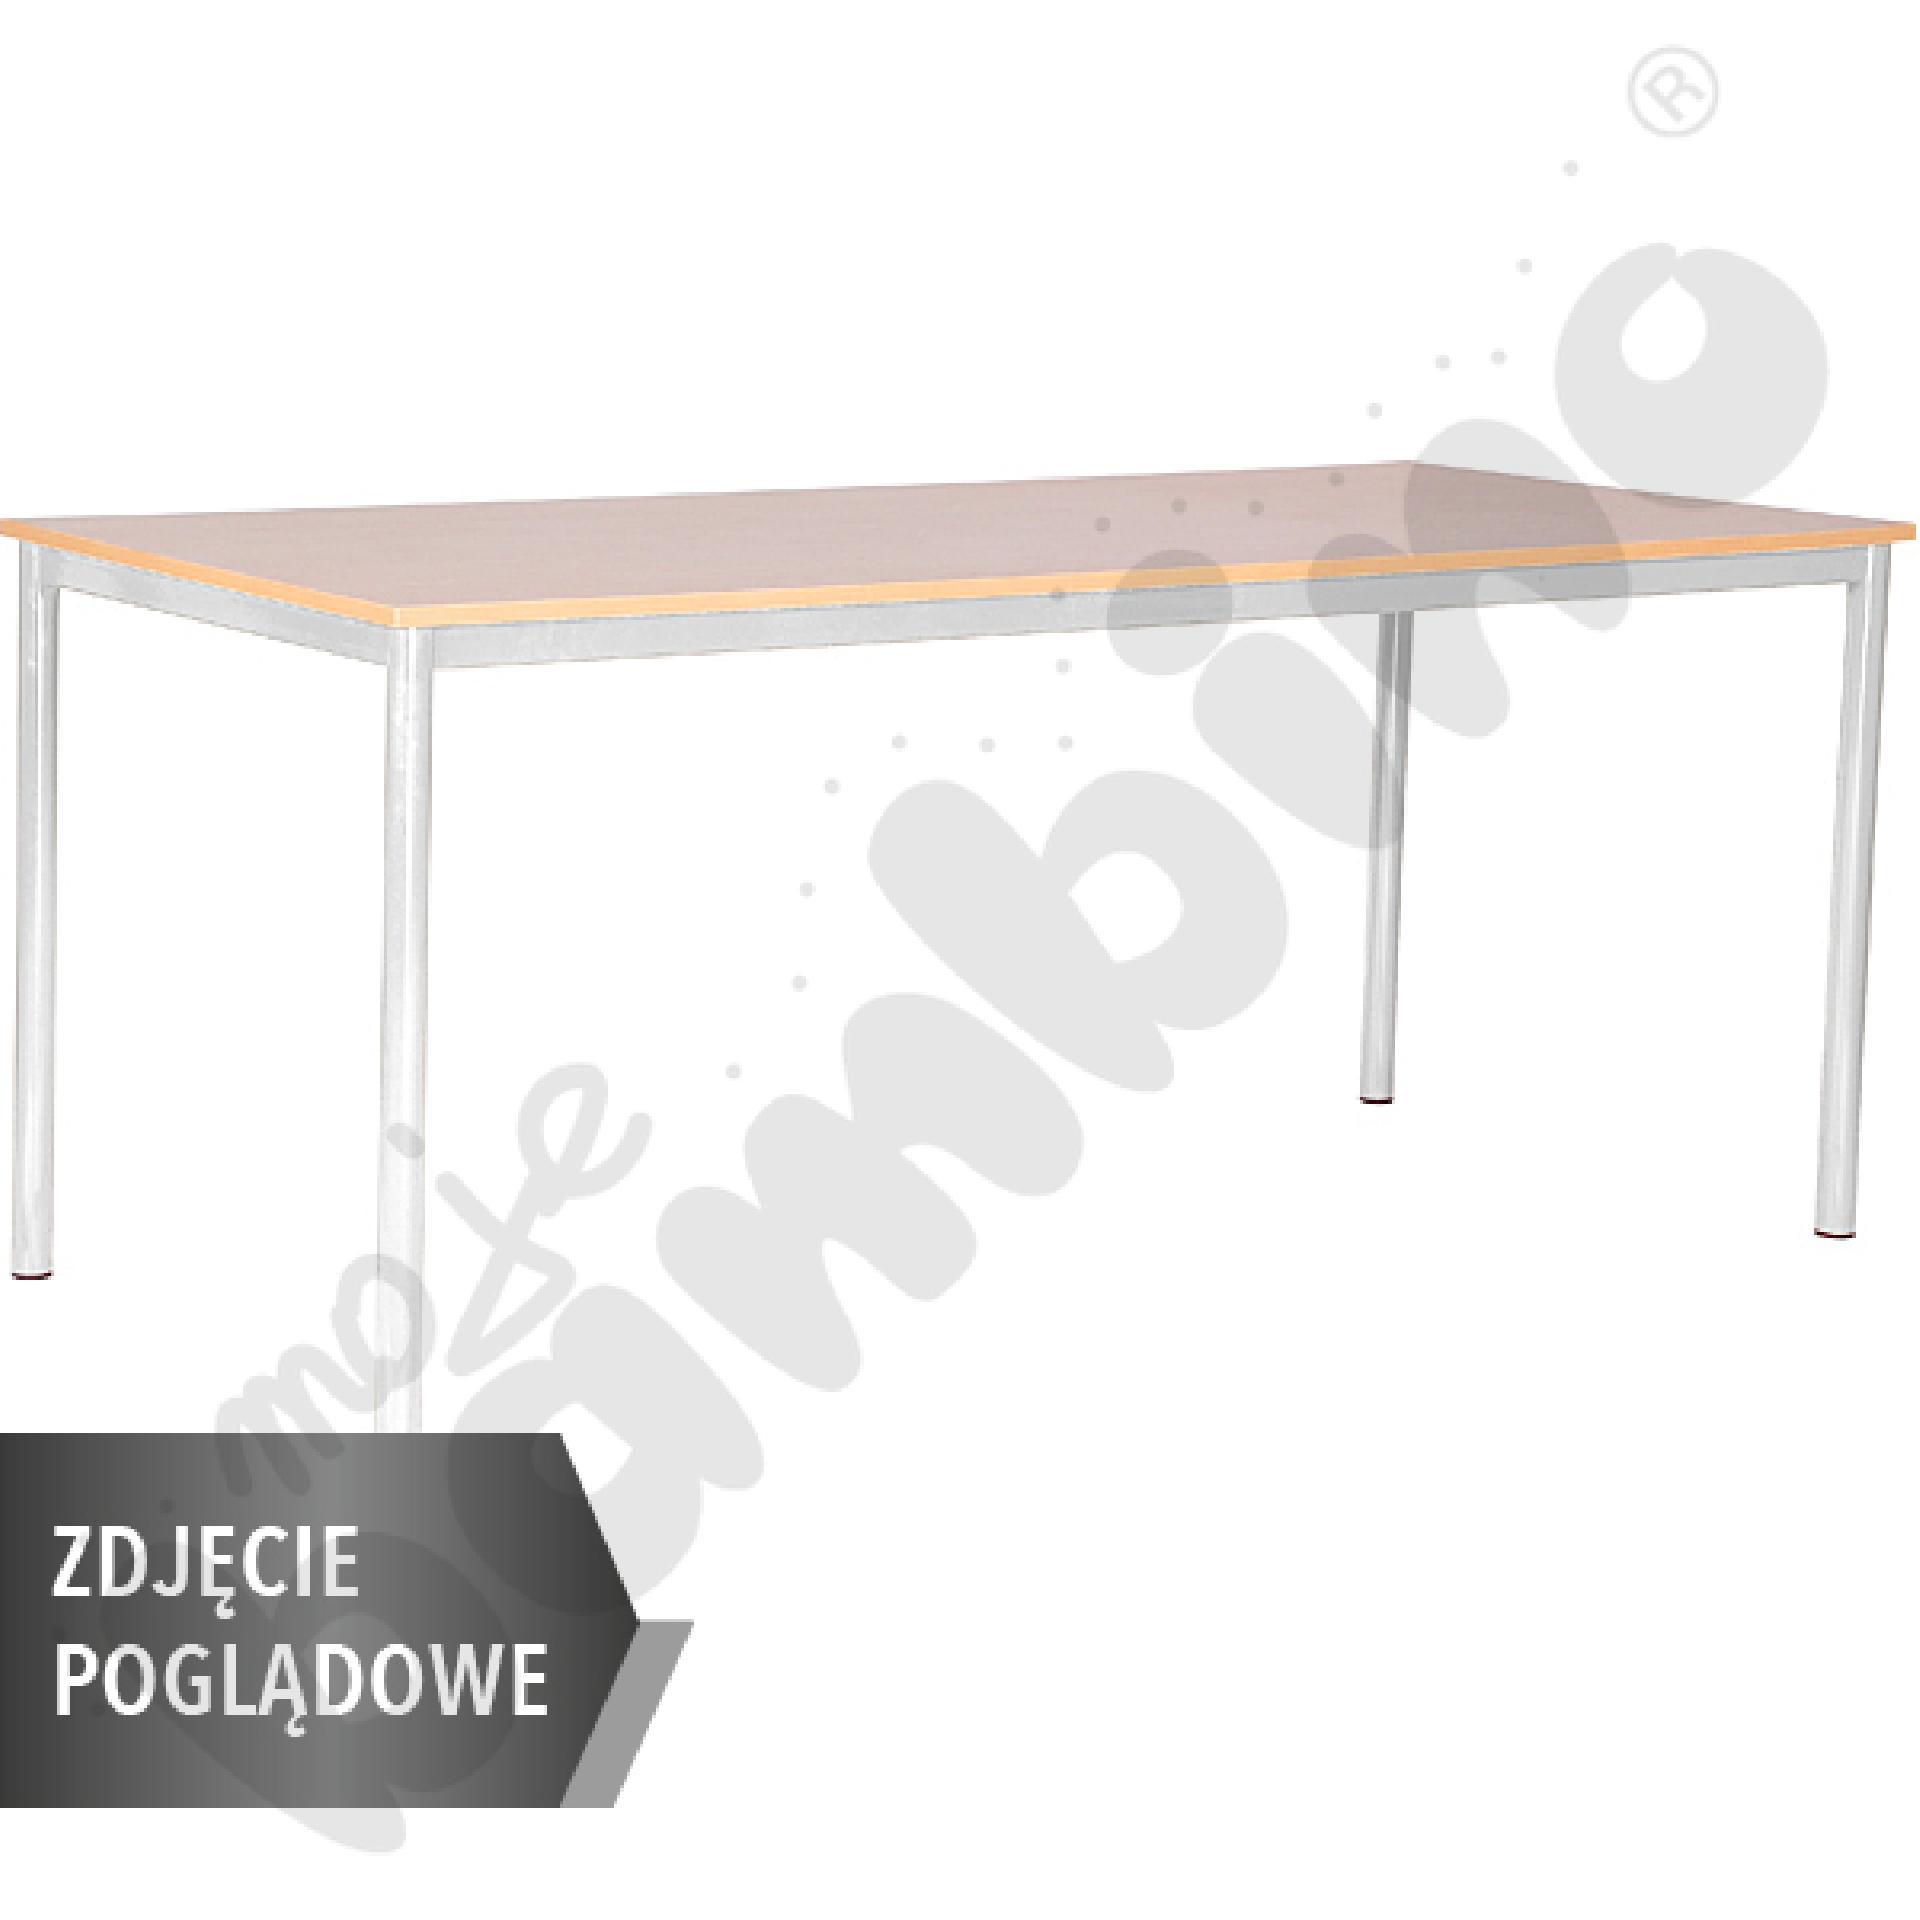 Stół Mila 180x80 rozm. 4, 8os., stelaż aluminium, blat brzoza, obrzeże ABS, narożniki proste